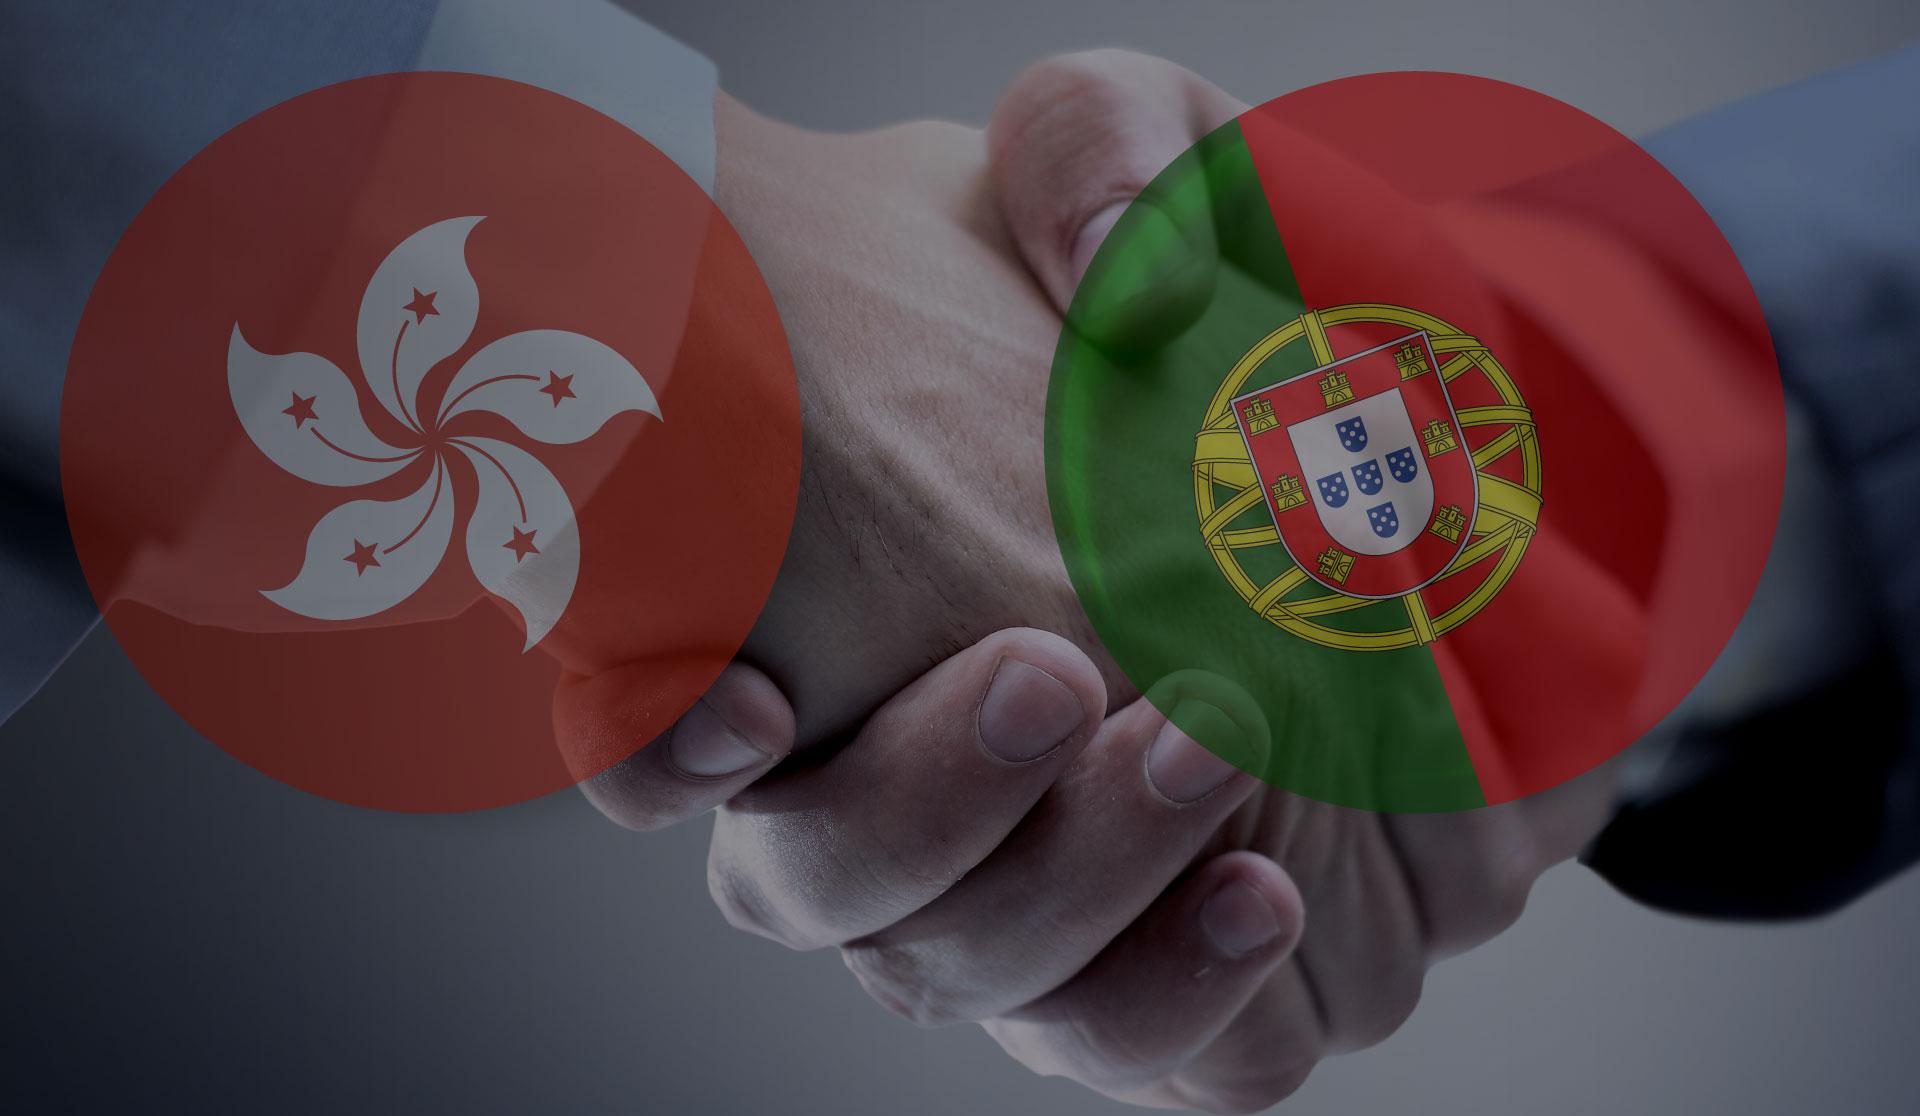 bandeiras de Hong Kong e Portugal com aperto de mão